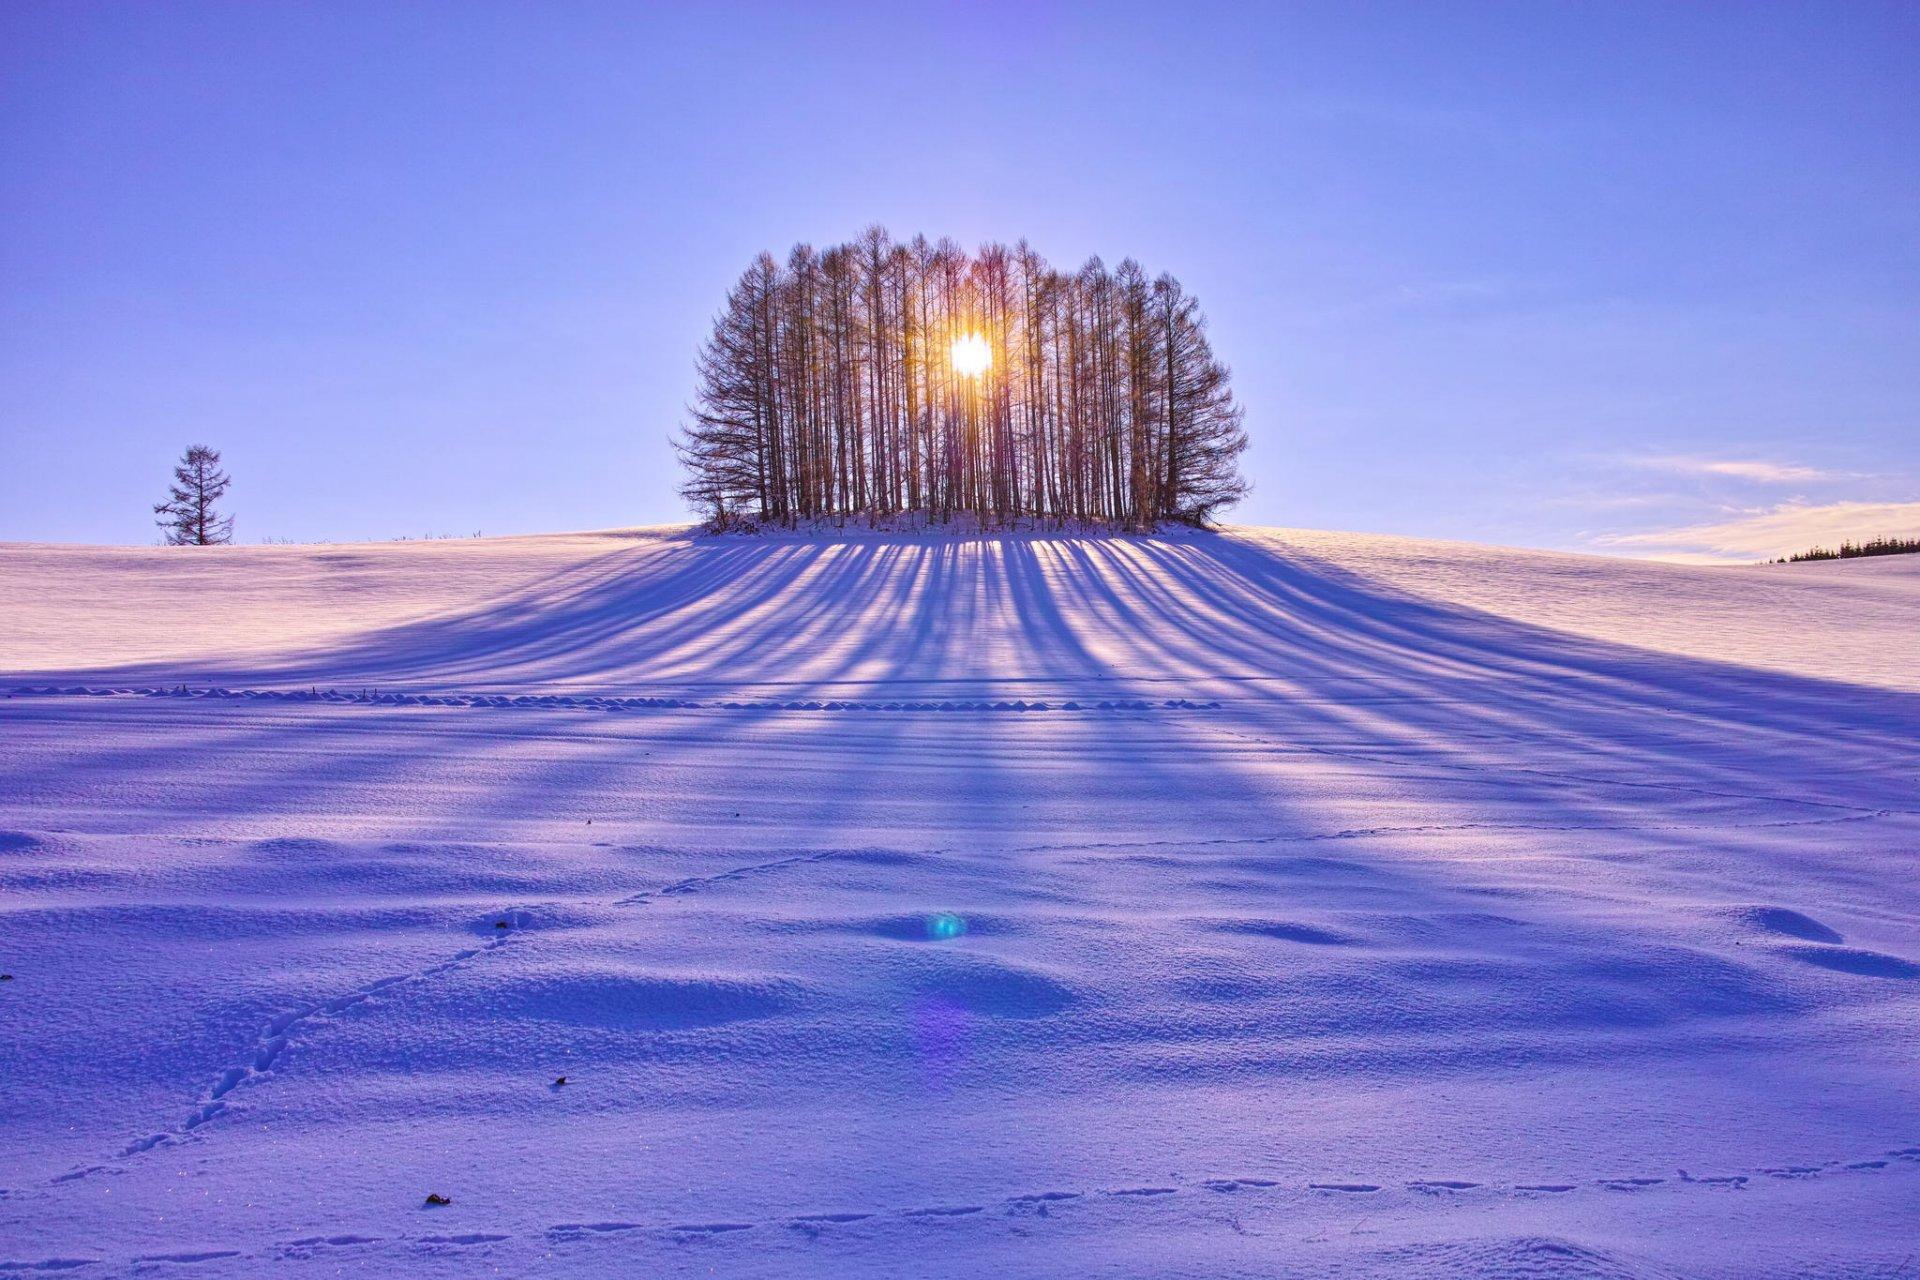 картинки поля в снегу нашей статье